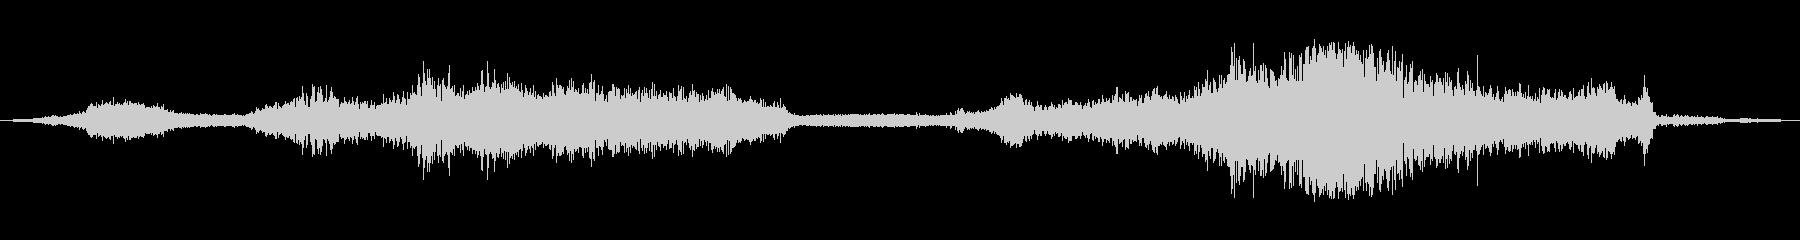 ブラシカーワッシュ:カーINT:ヘ...の未再生の波形